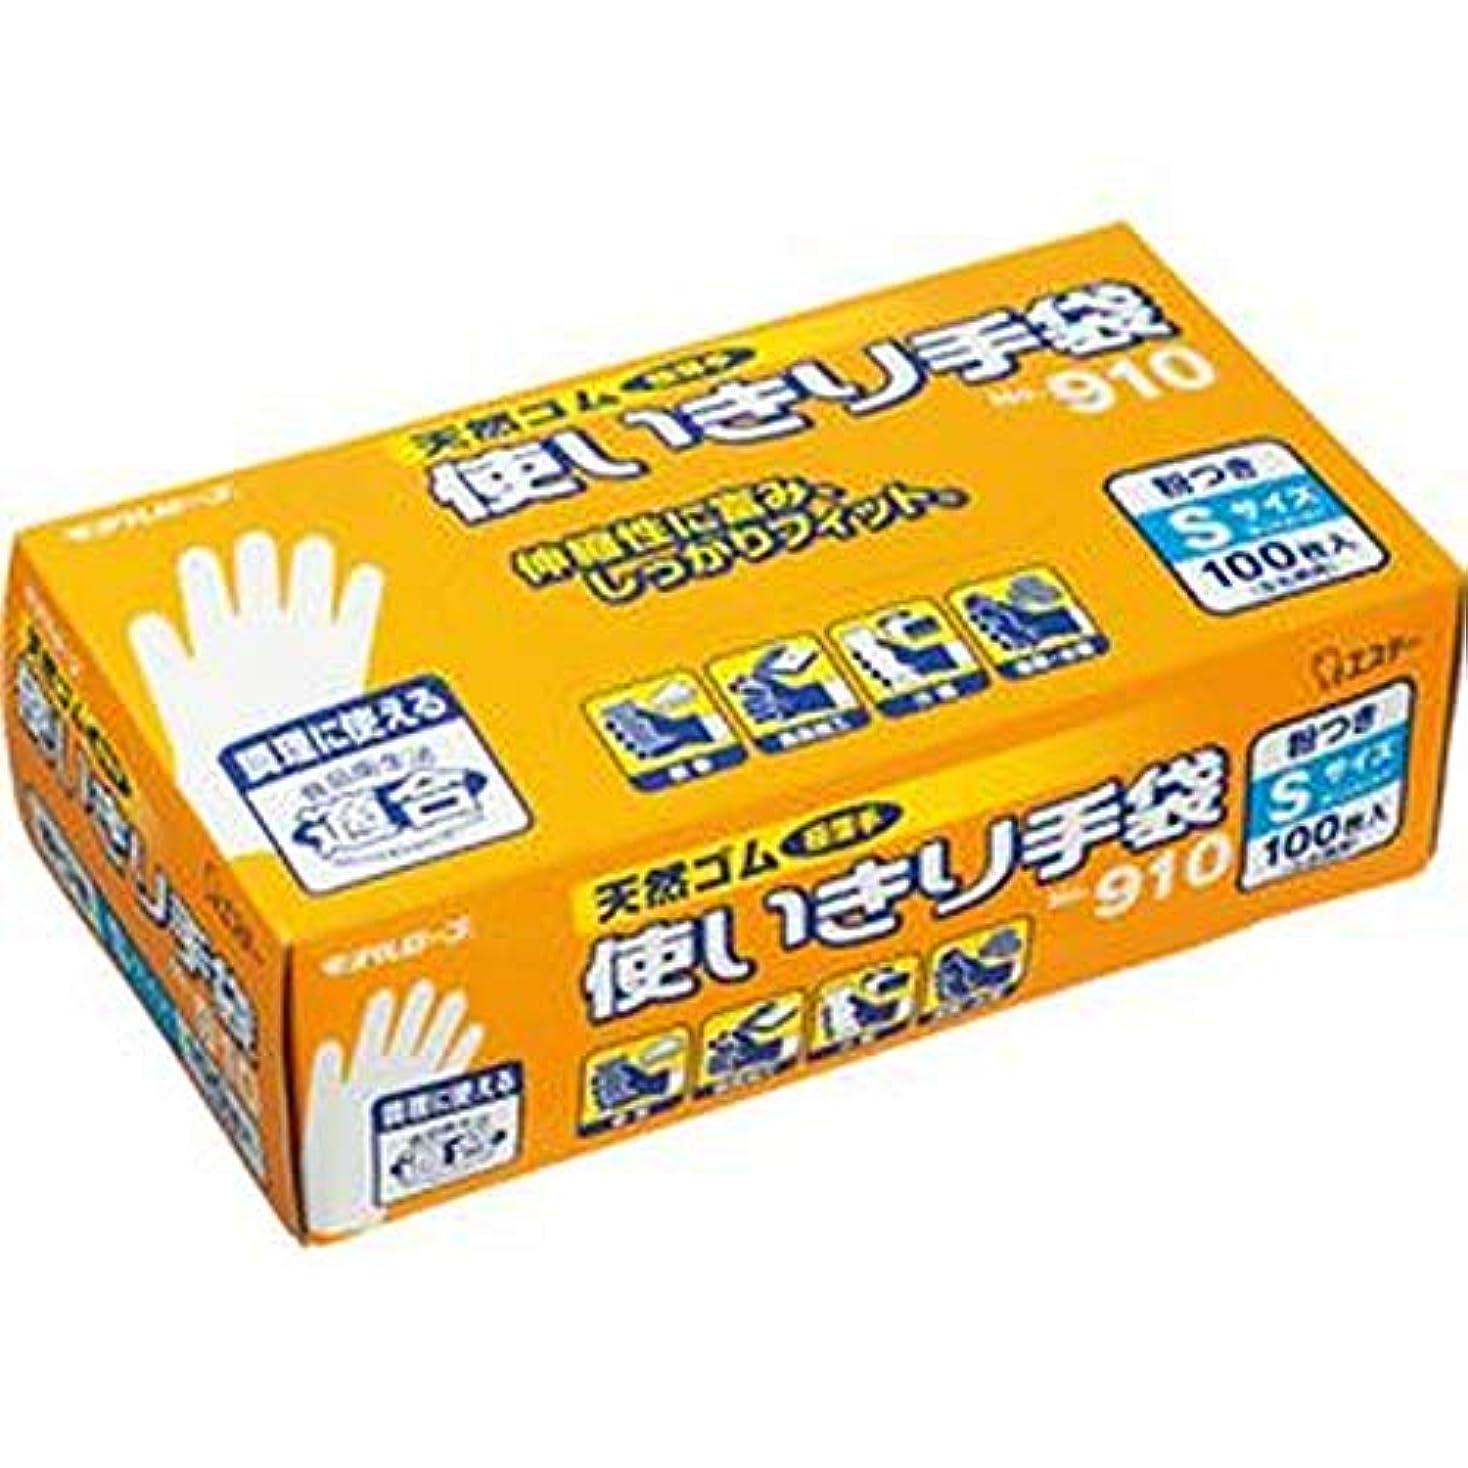 好きである悪意のあるホイスト- まとめ - / エステー/No.910 / 天然ゴム使いきり手袋 - 粉付 - / S / 1箱 - 100枚 - / - ×5セット -